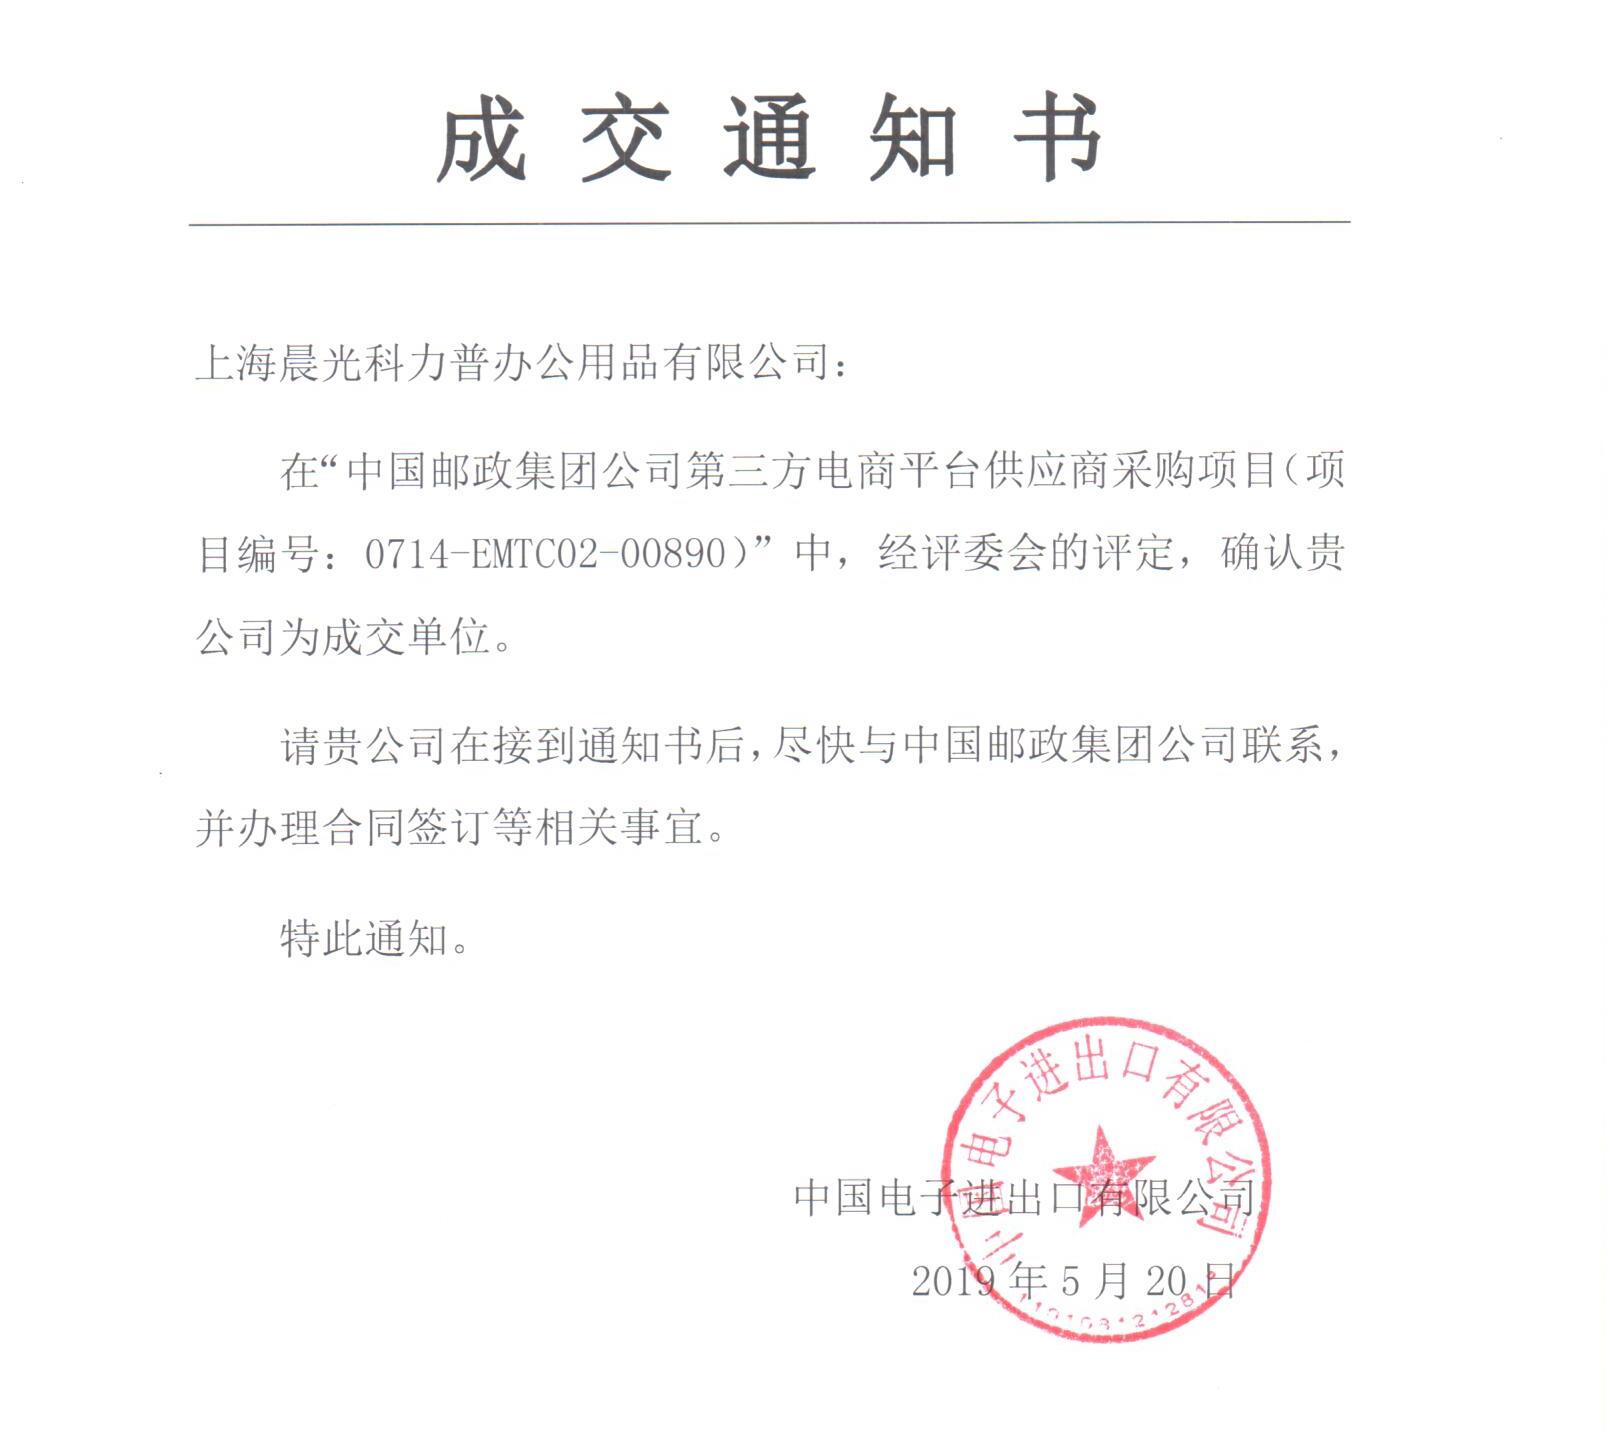 中国邮政中标通知书.jpg